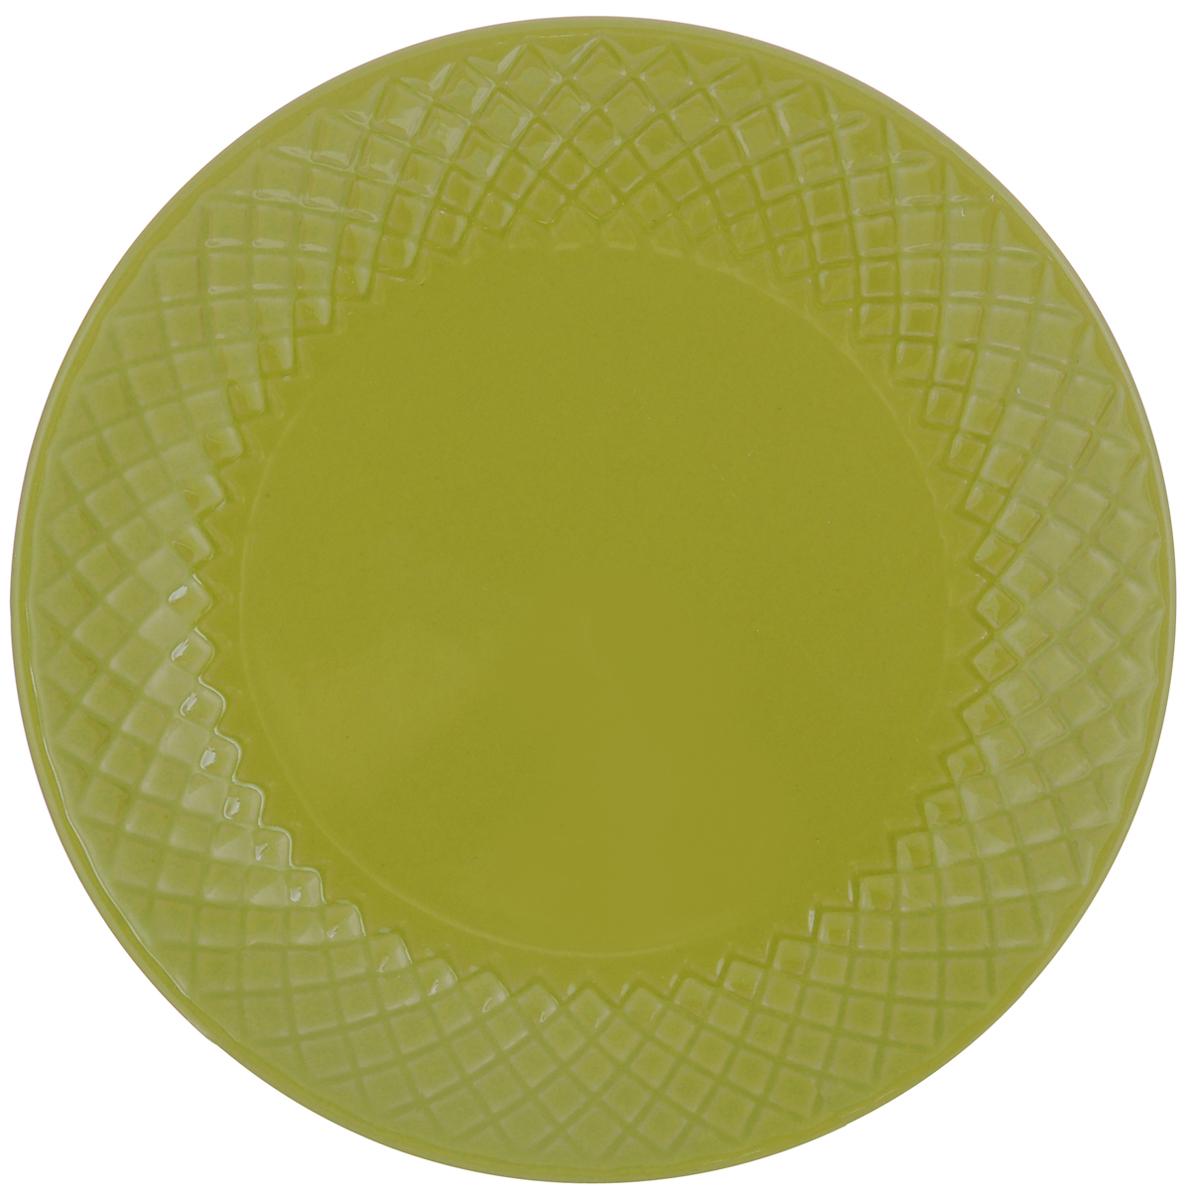 Тарелка обеденная Walmer Amber, цвет: зеленый, диаметр 20 смW06133020Тарелка обеденная Walmer Amber, изготовленная из высококачественной керамики, имеет изысканный внешний вид. Яркий дизайн придется по вкусу и ценителям классики, и тем, кто предпочитает утонченность. Тарелка Walmer Amber идеально подойдет для сервировки стола и станет отличным подарком к любому празднику. Диаметр (по верхнему краю): 20 см.